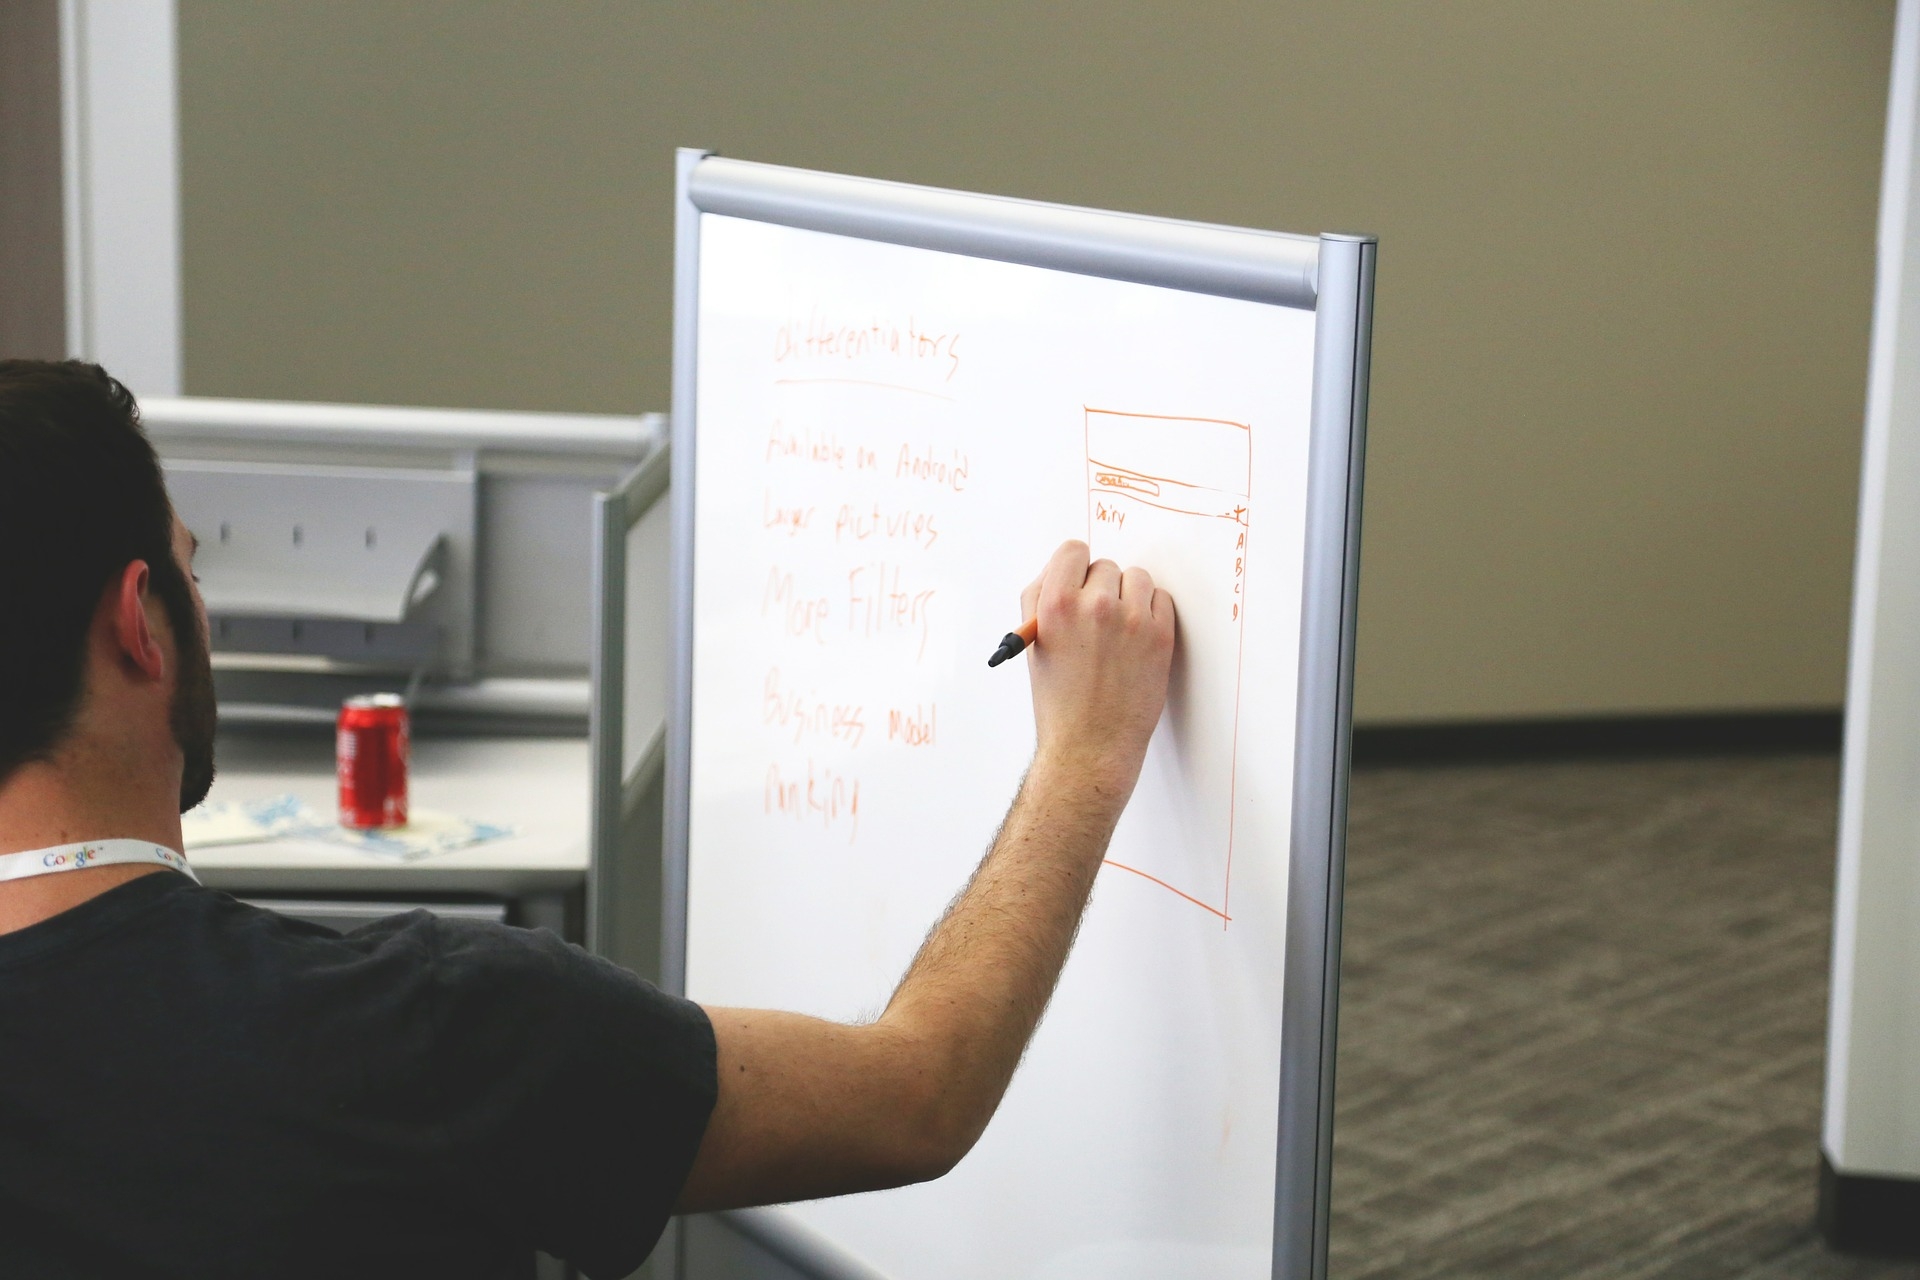 Profesor care scrie pe tabla cu marker